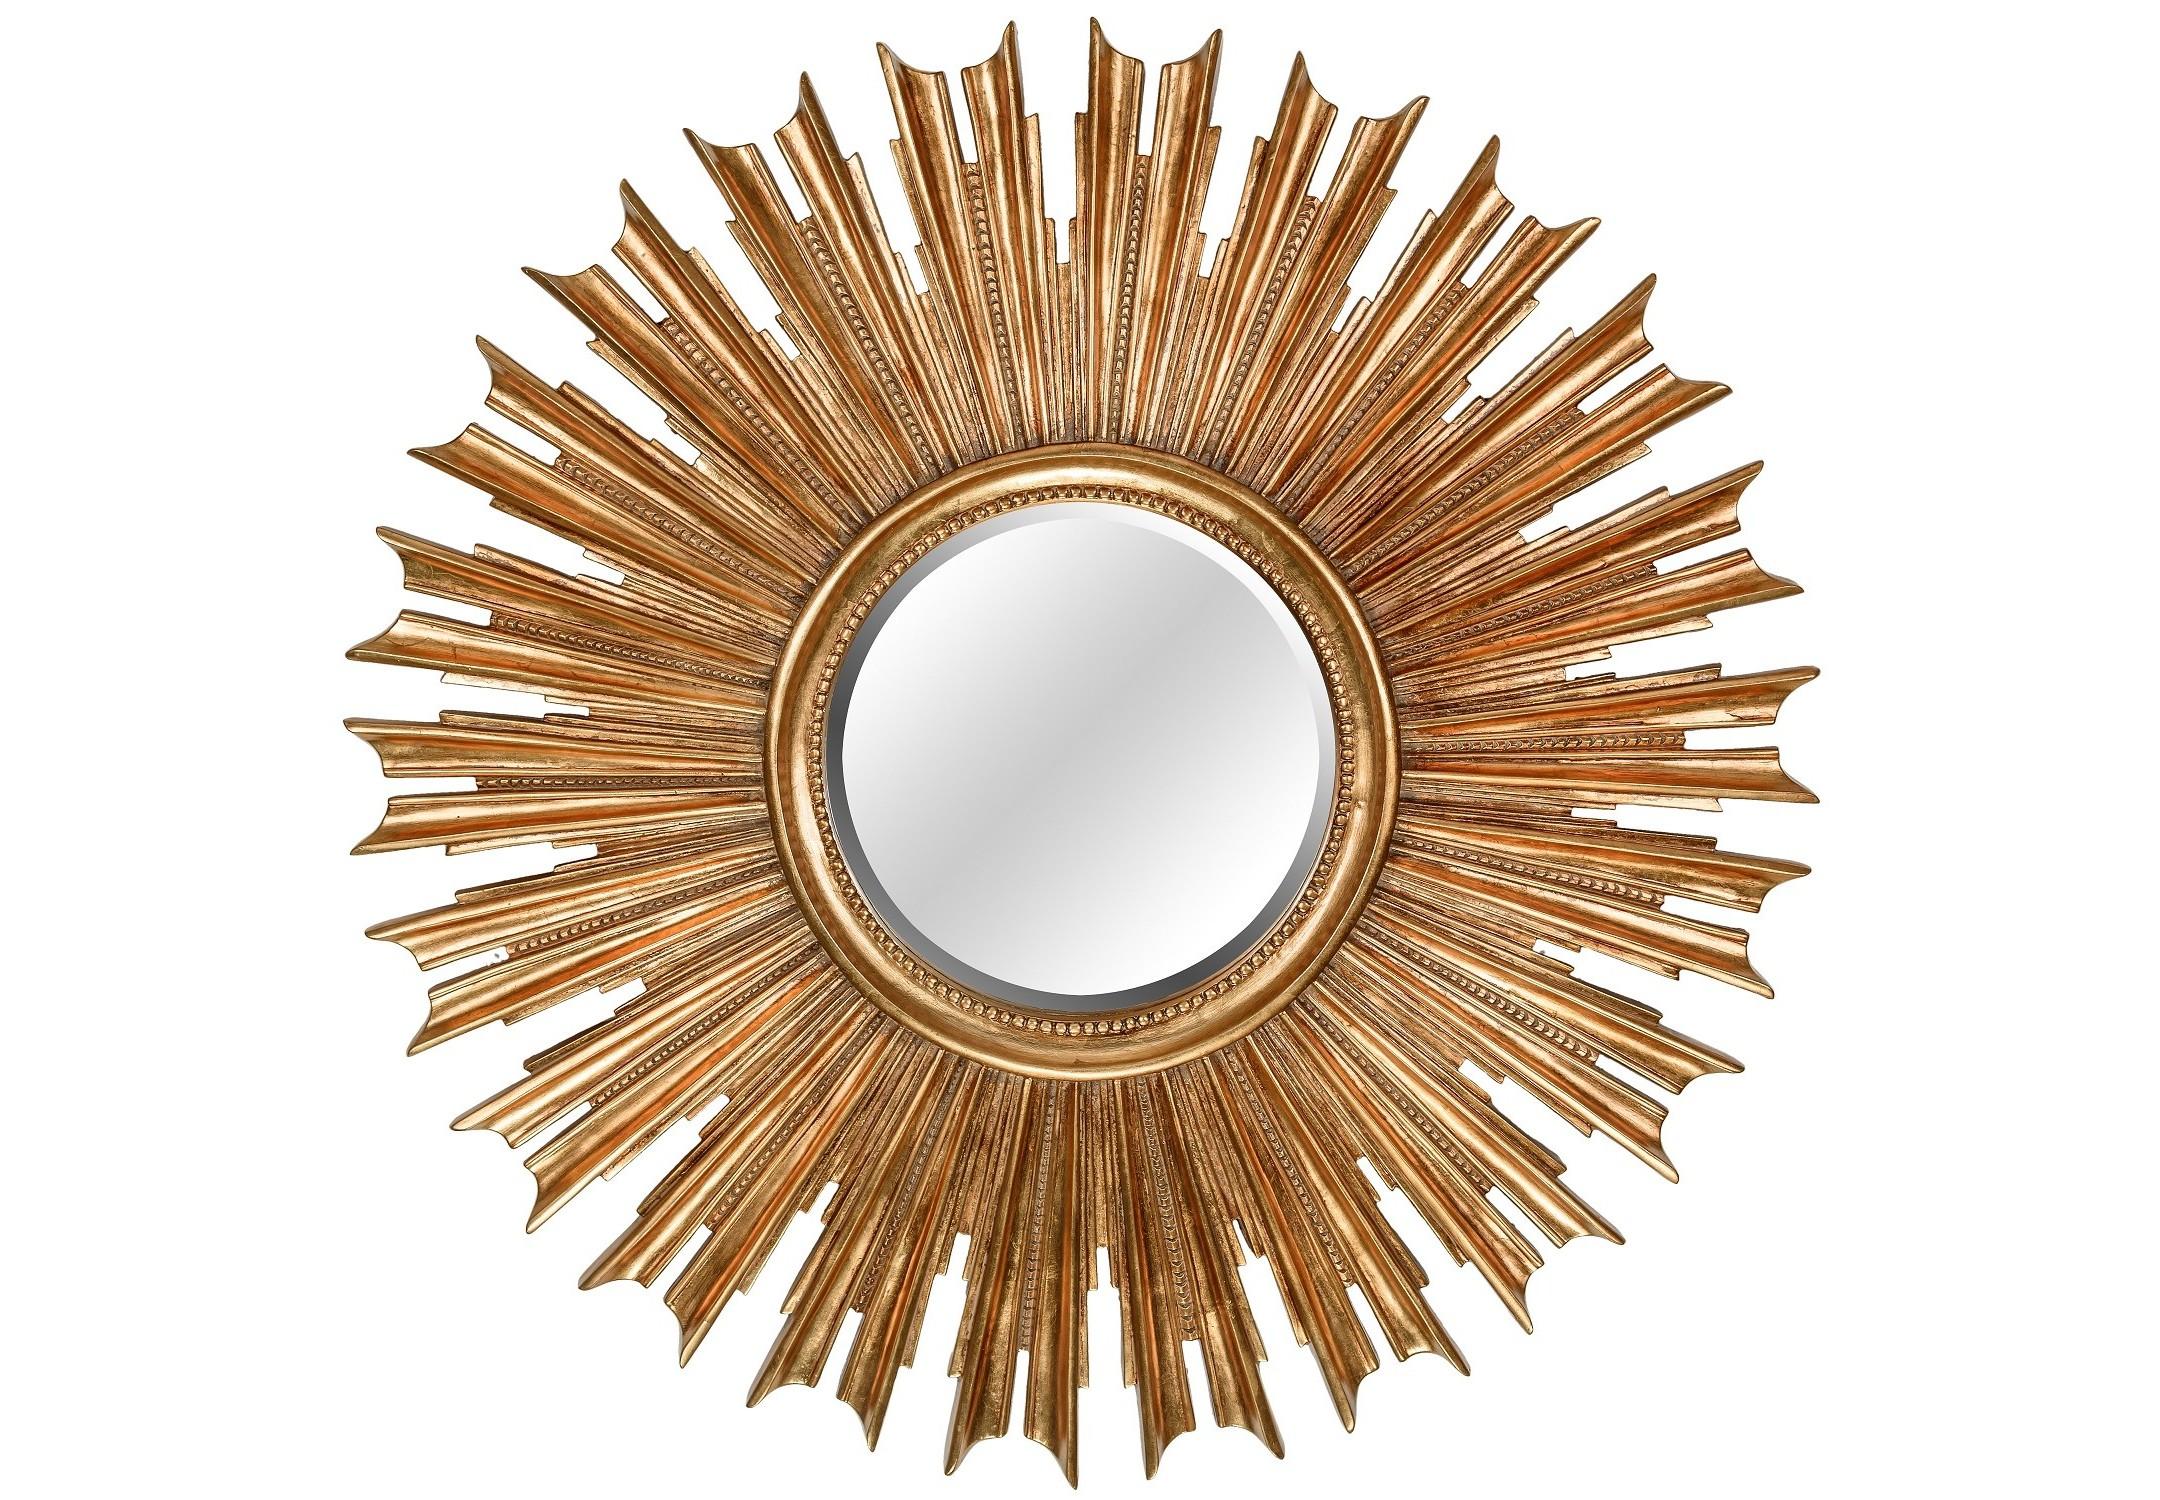 Зеркало Sunny GoldНастенные зеркала<br><br><br>Material: Полирезин<br>Глубина см: 5.0